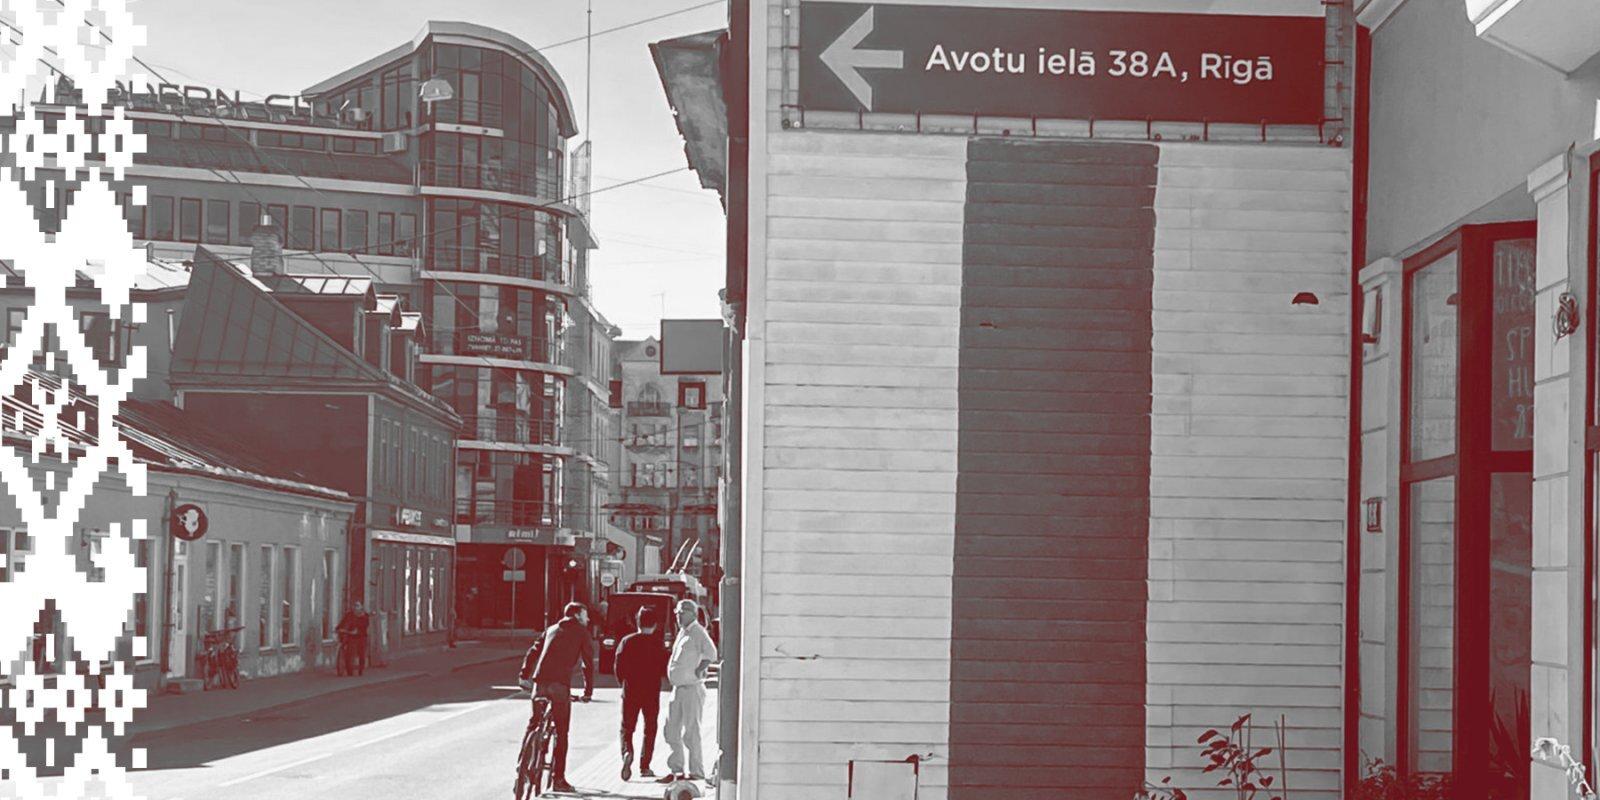 'Vairāk ne kapeikas nemaksāšu par nevainīgu cilvēku piekaušanu.' Baltkrievu bēgļi Latvijā